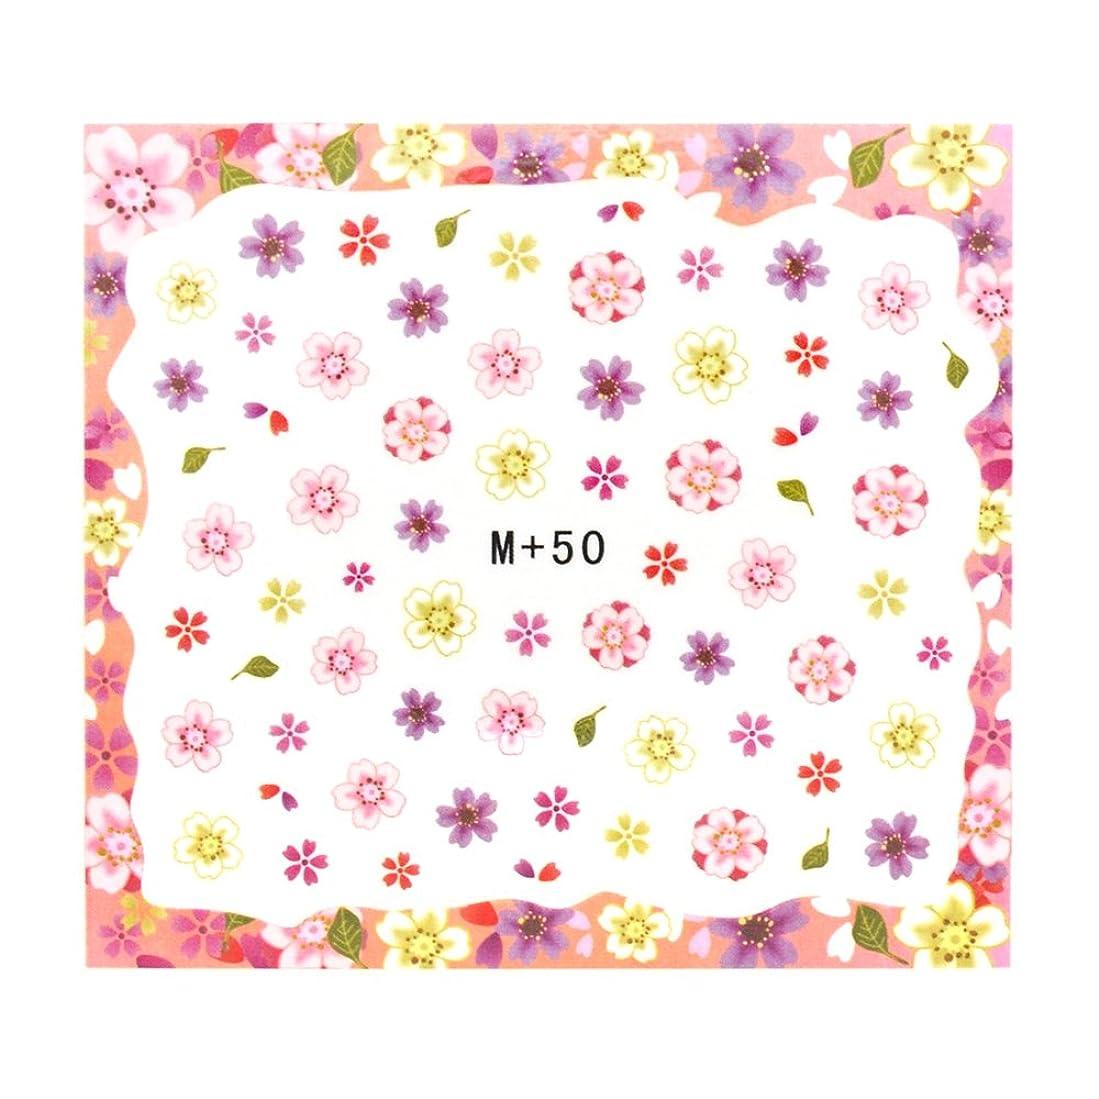 マーベル混合彼女の【M+50】和風桜 ウォーターネイルシール 和柄 フラワー 桜 花柄 お正月 着物 浴衣